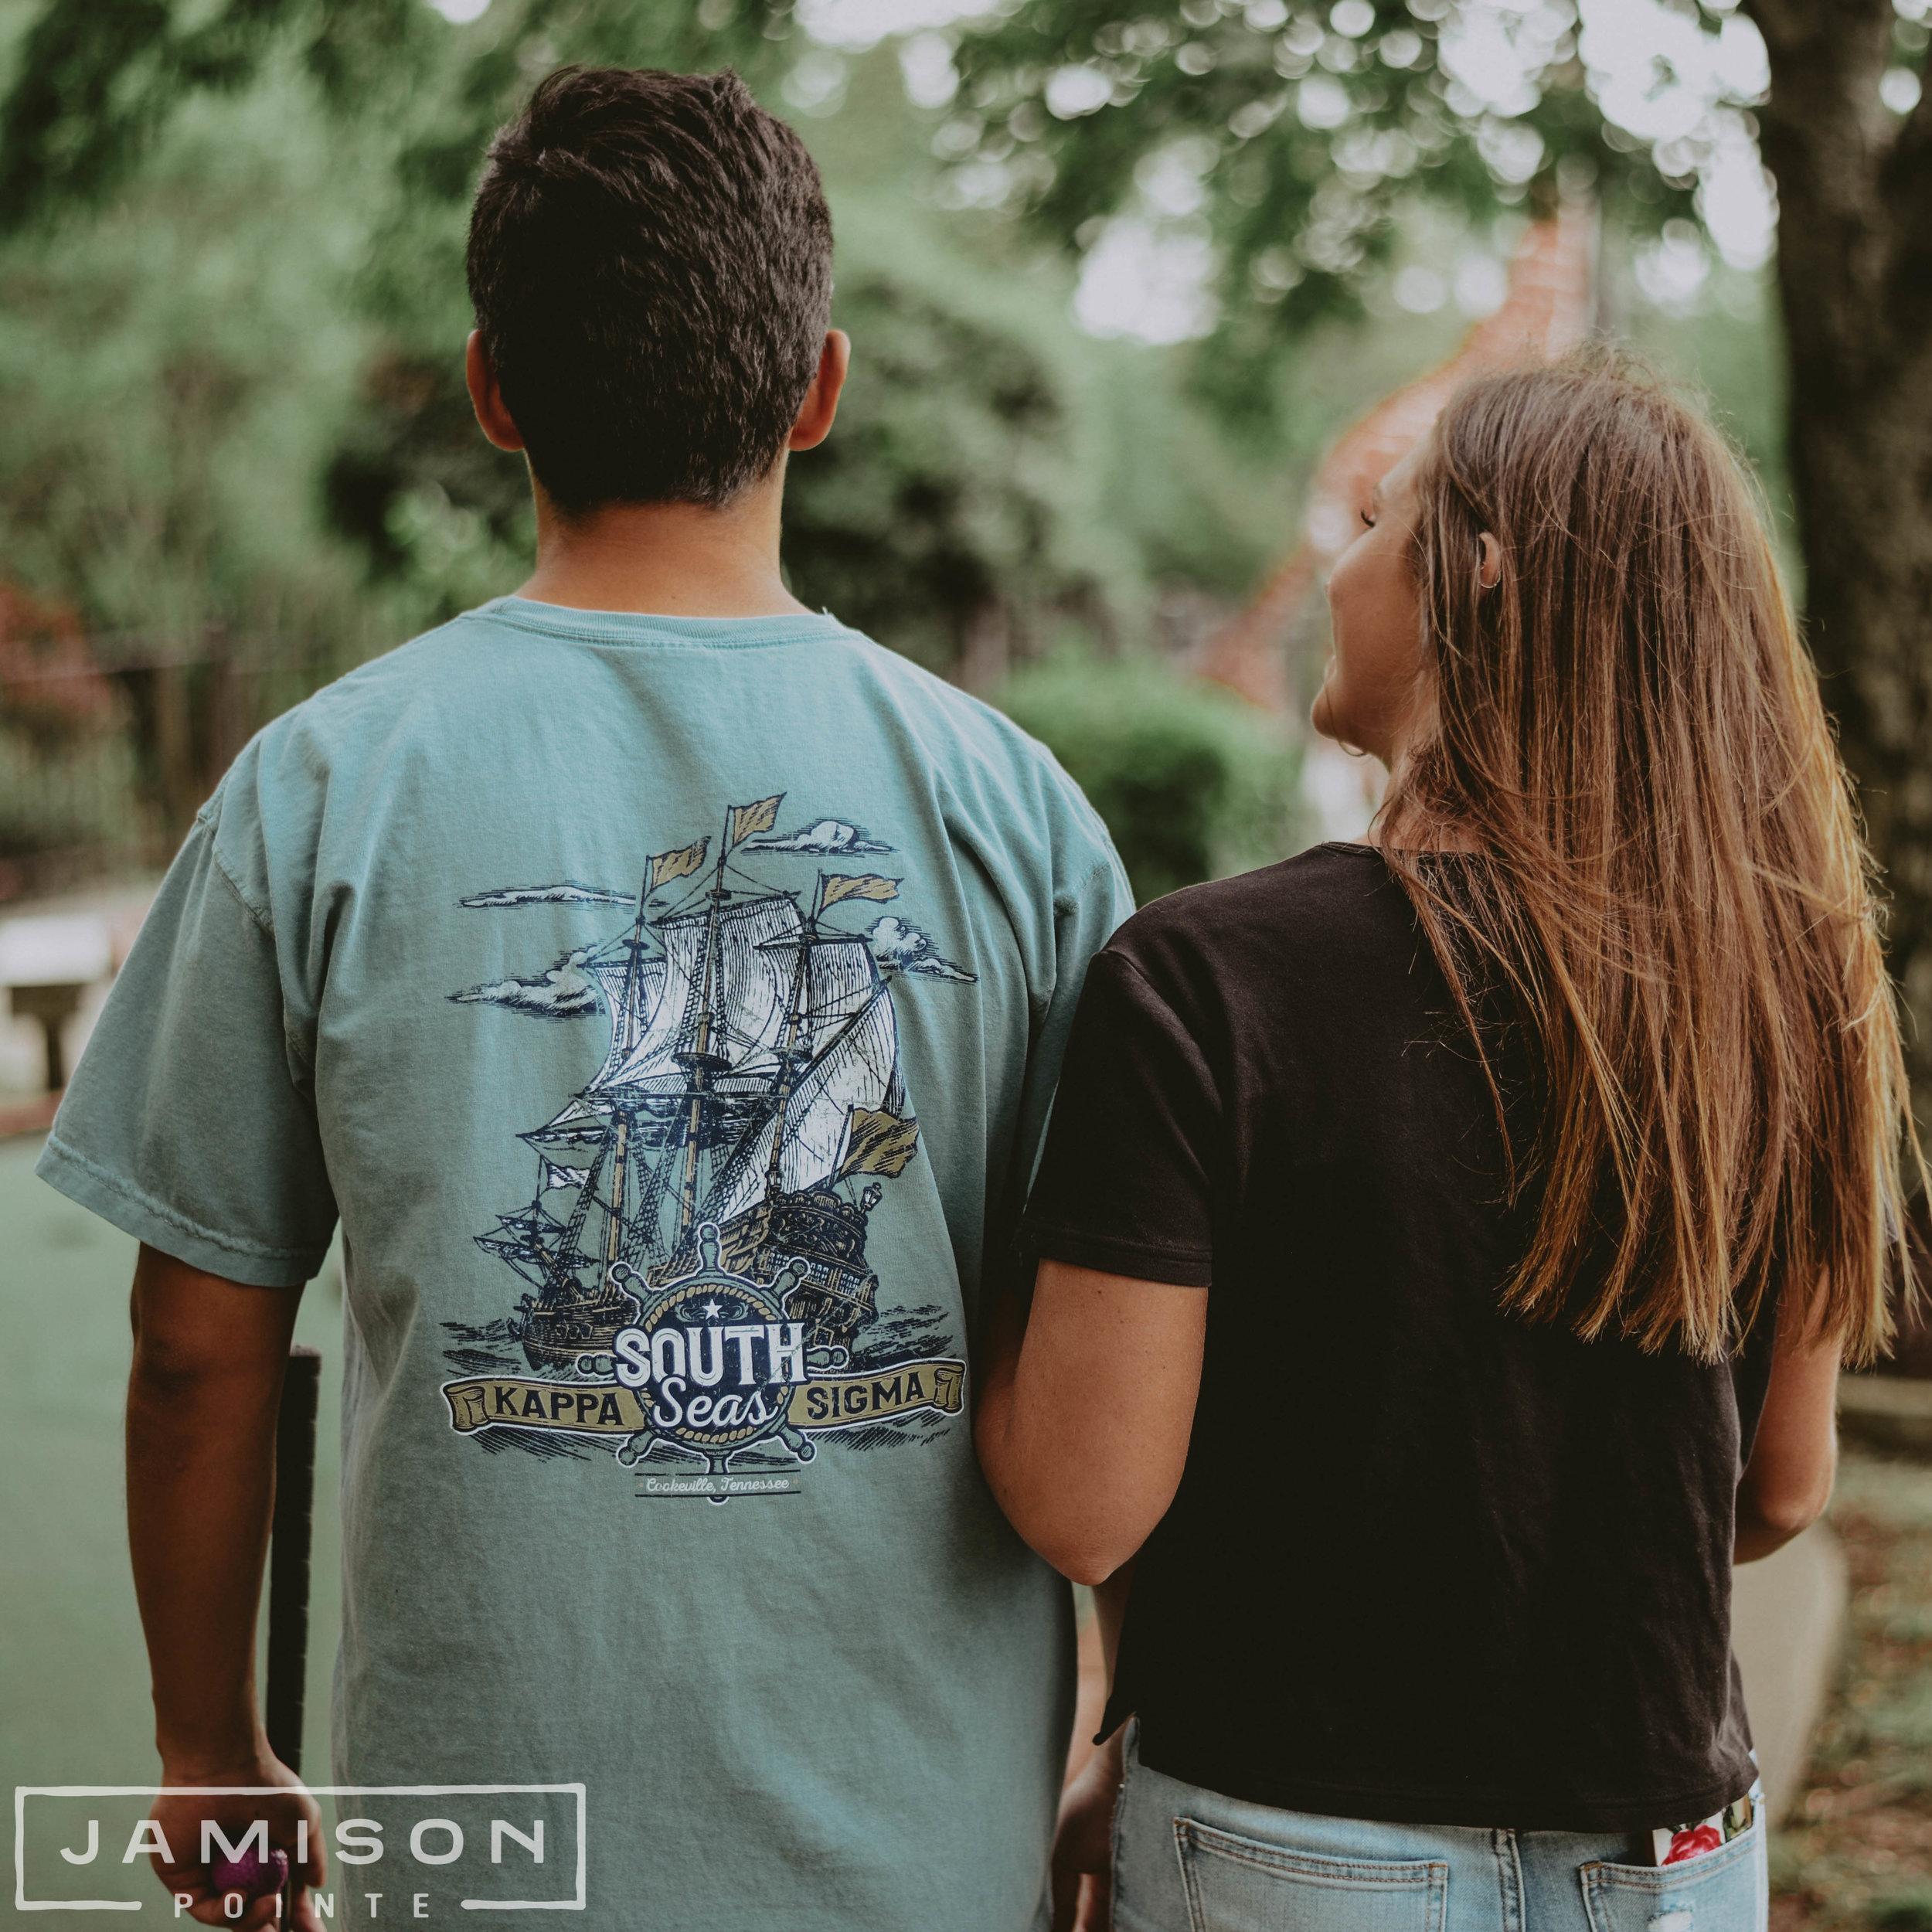 Kappa Sigma South Seas T-shirt